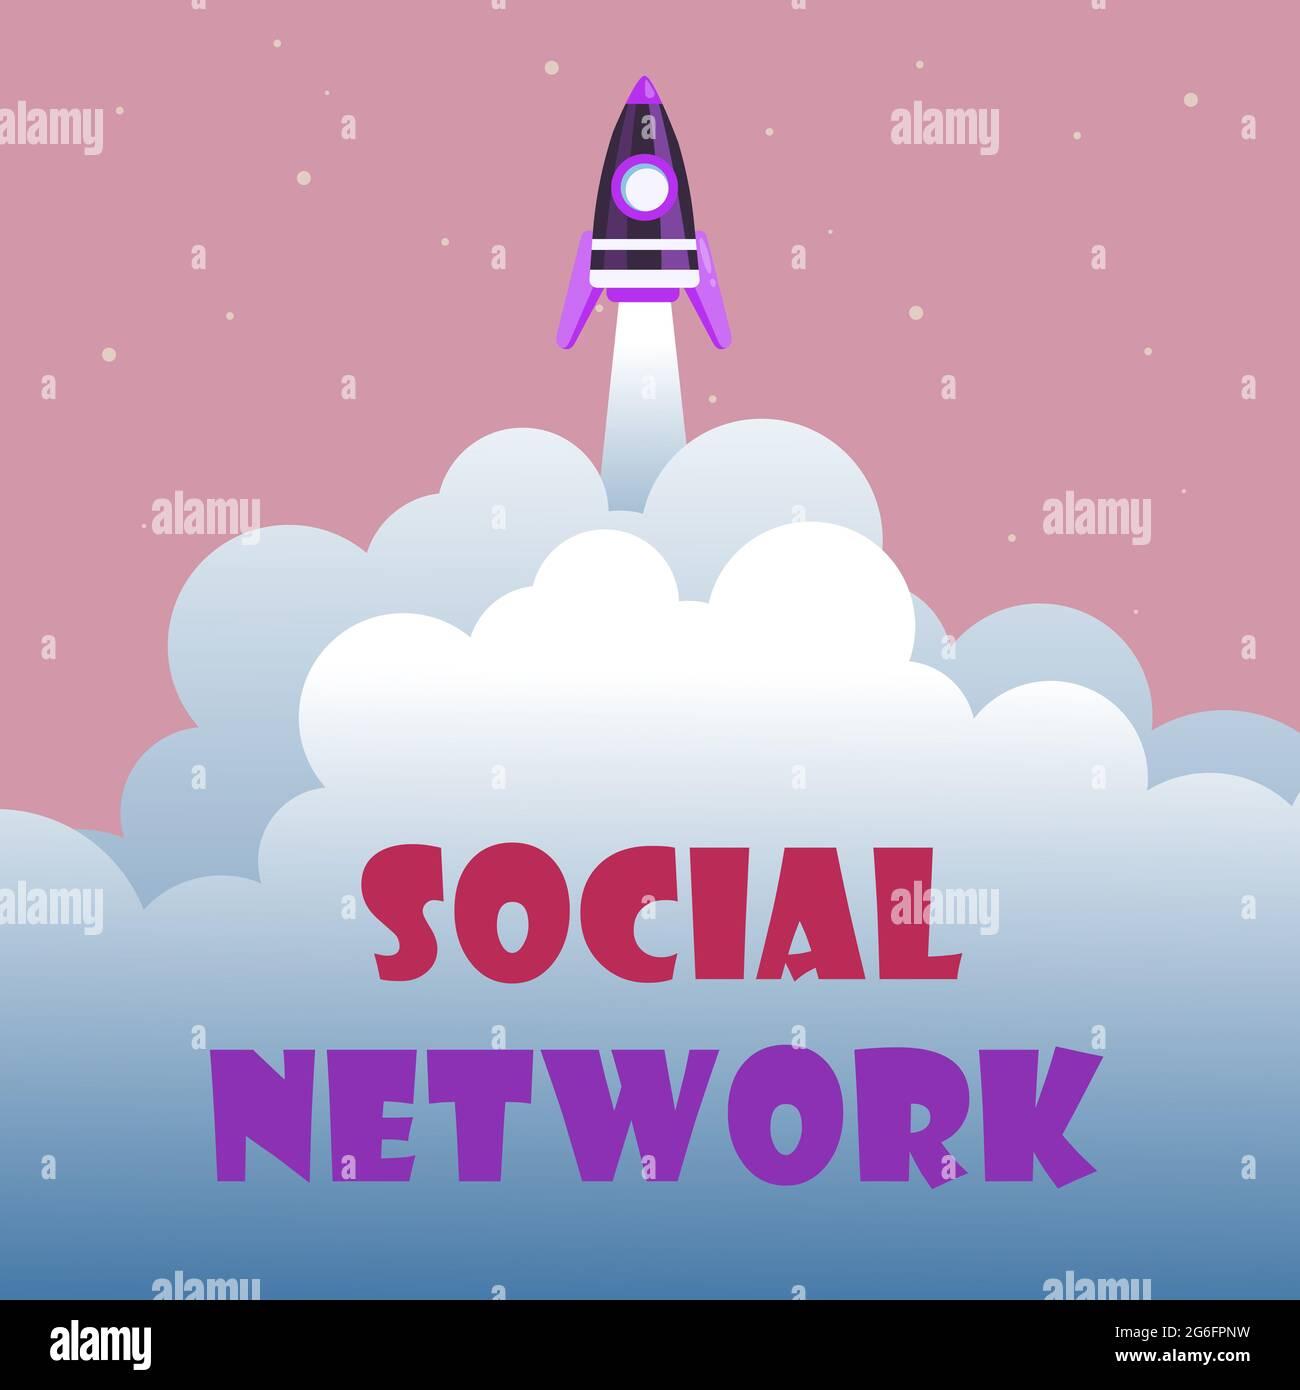 Pantalla conceptual Red social. Palabra escrita en un marco de trabajo de individuo vinculado por interan relación individualal Resumen Alcanzando el Nivel Superior Foto de stock